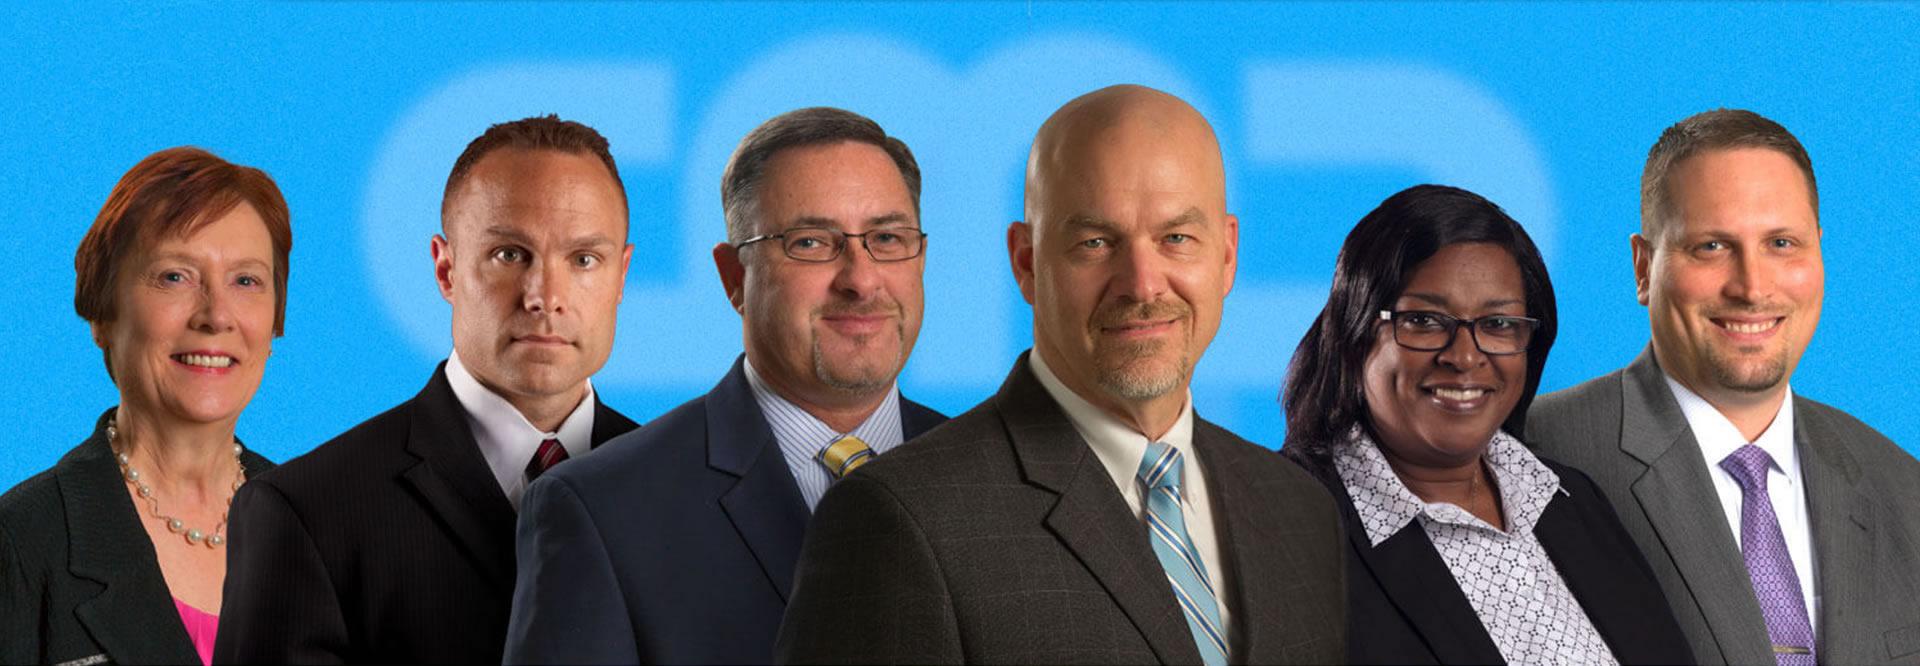 CMP Pharma leadership headshots